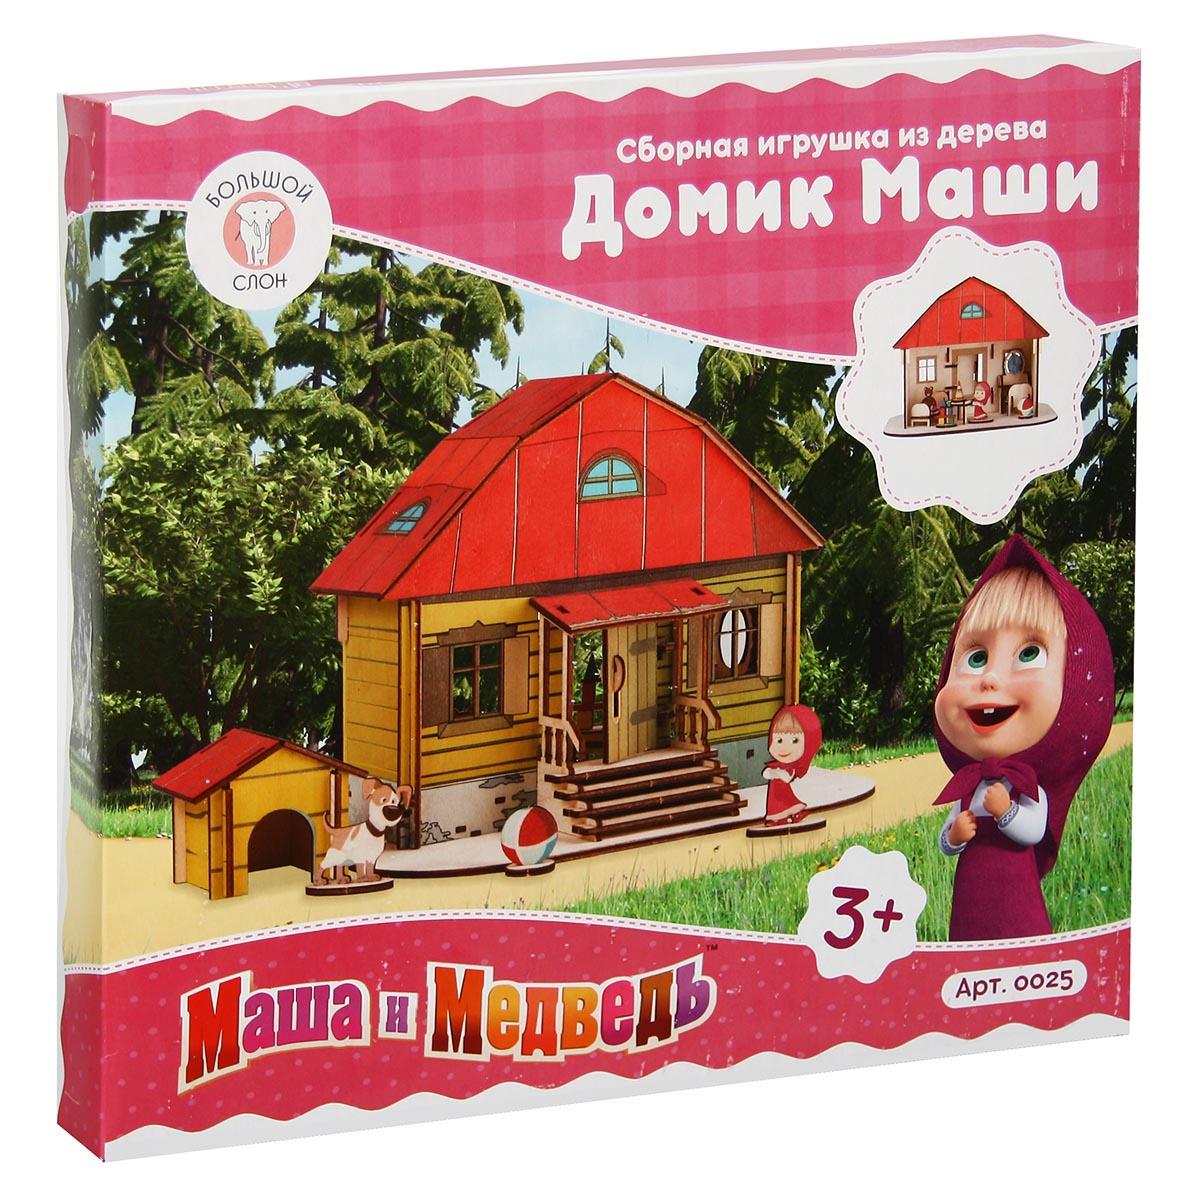 Купить Кукольный дом, Сборная игрушка из дерева Большой слон Домик Маши, Модели для сборки